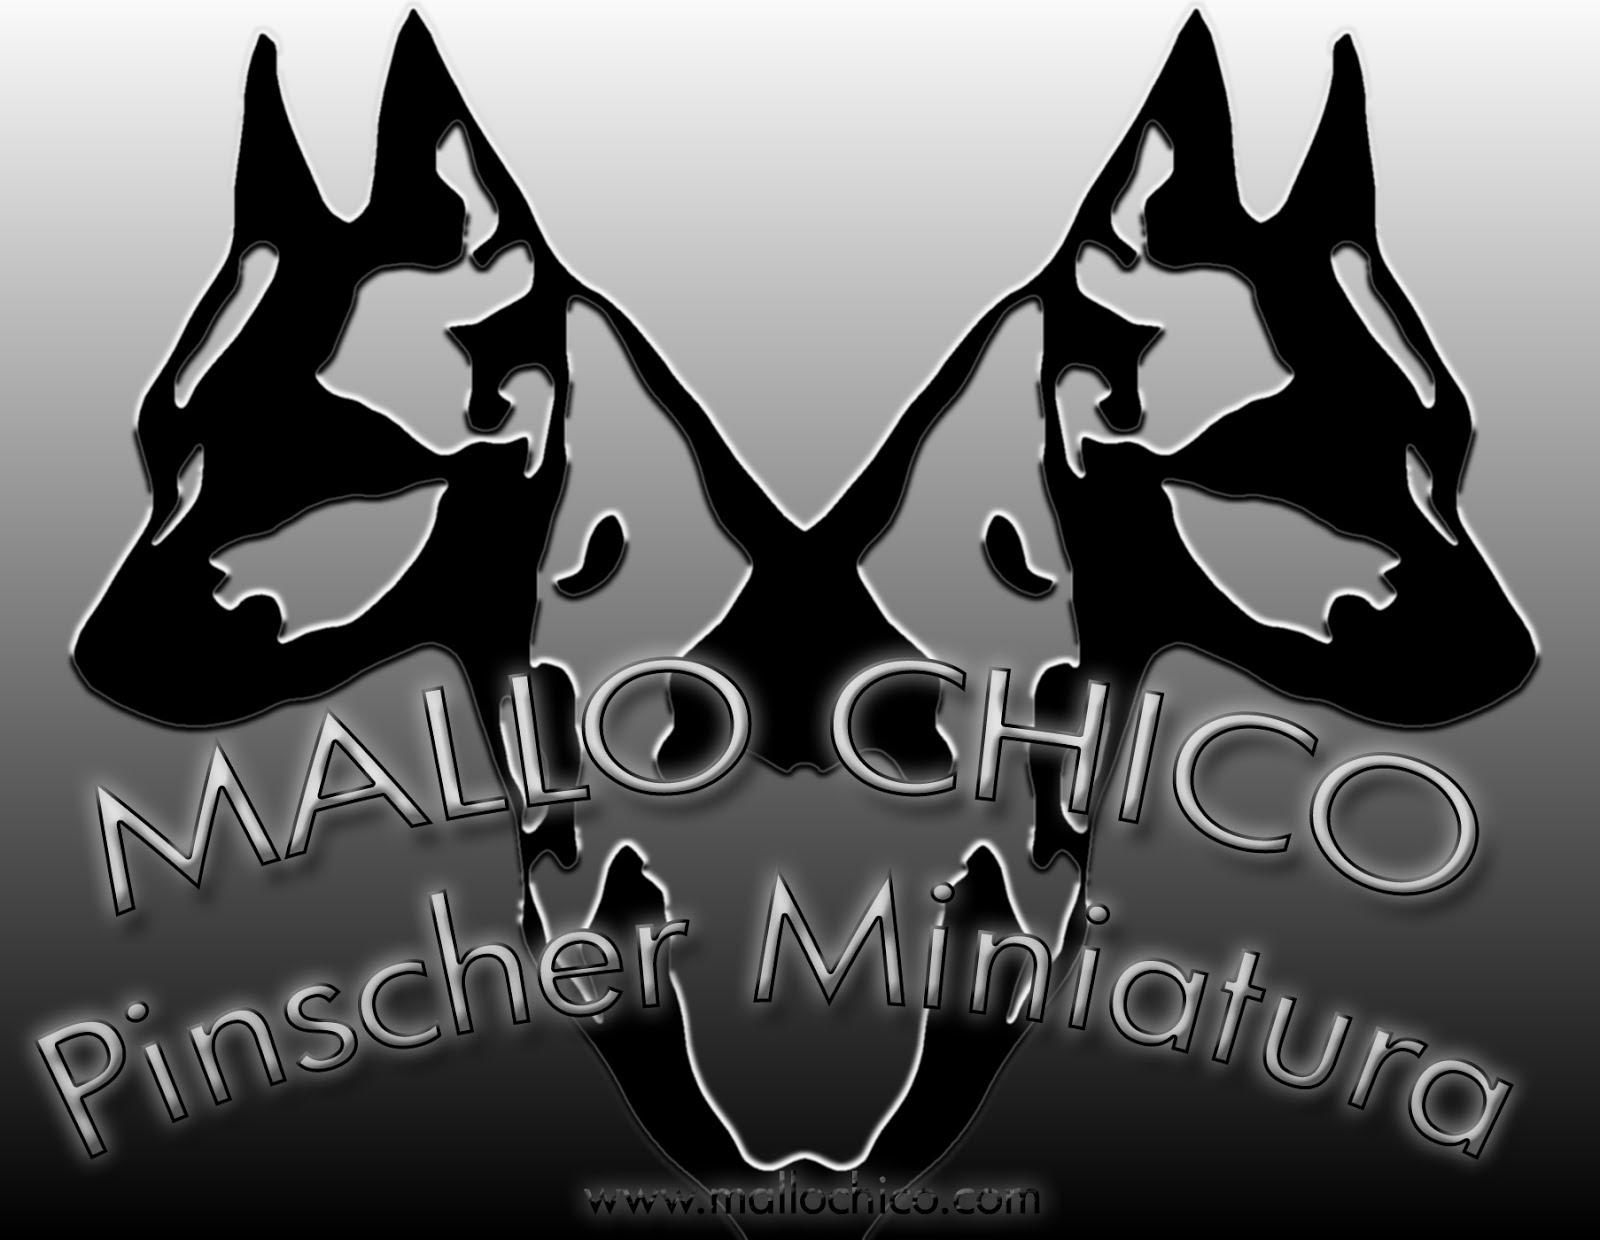 MALLO CHICO